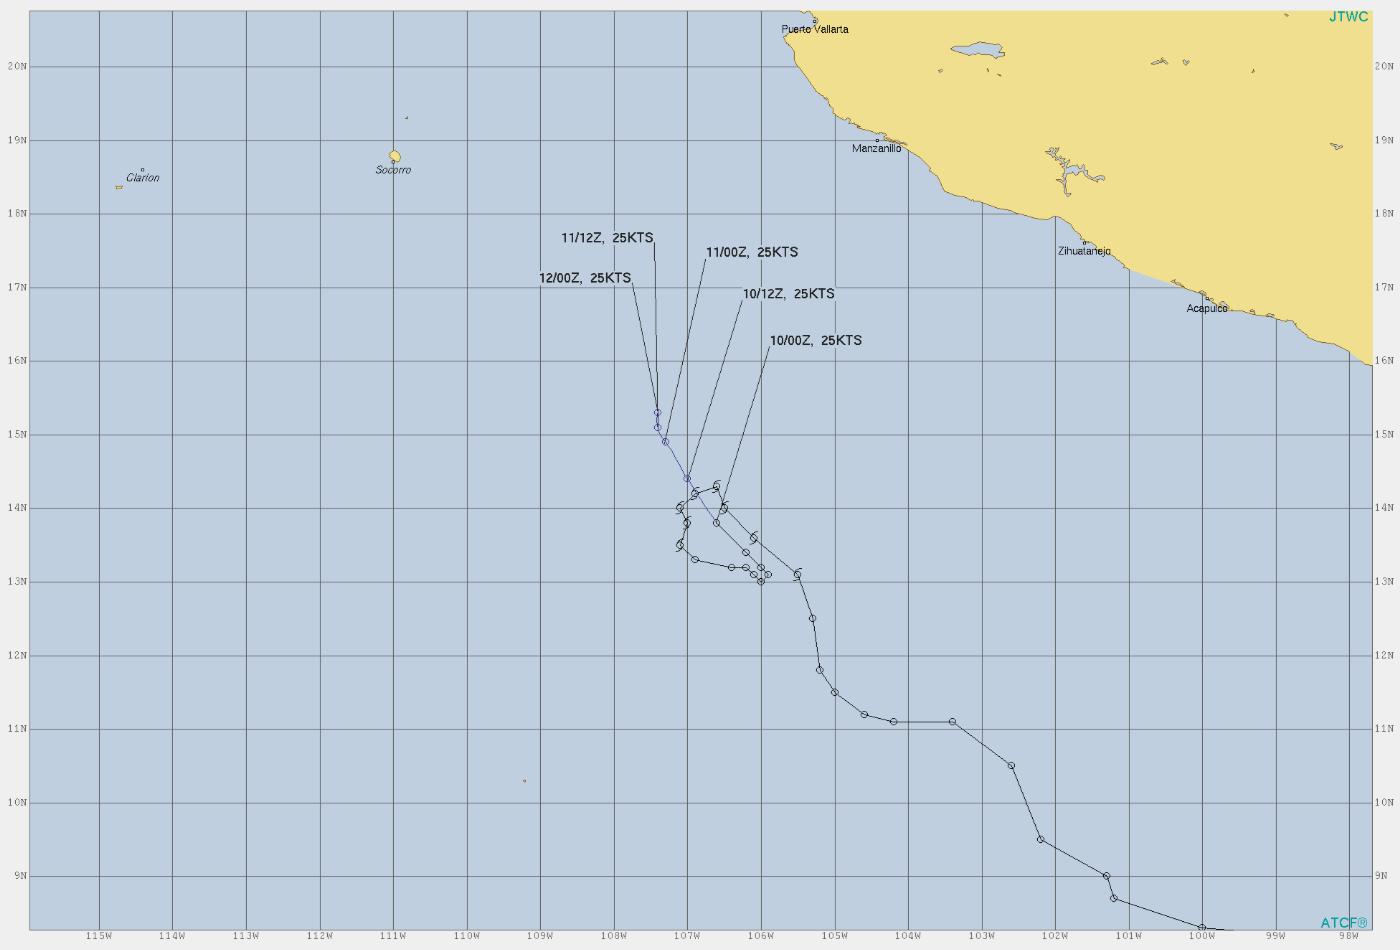 20201010-0000UT_ep1920_NORBERT_JTWC